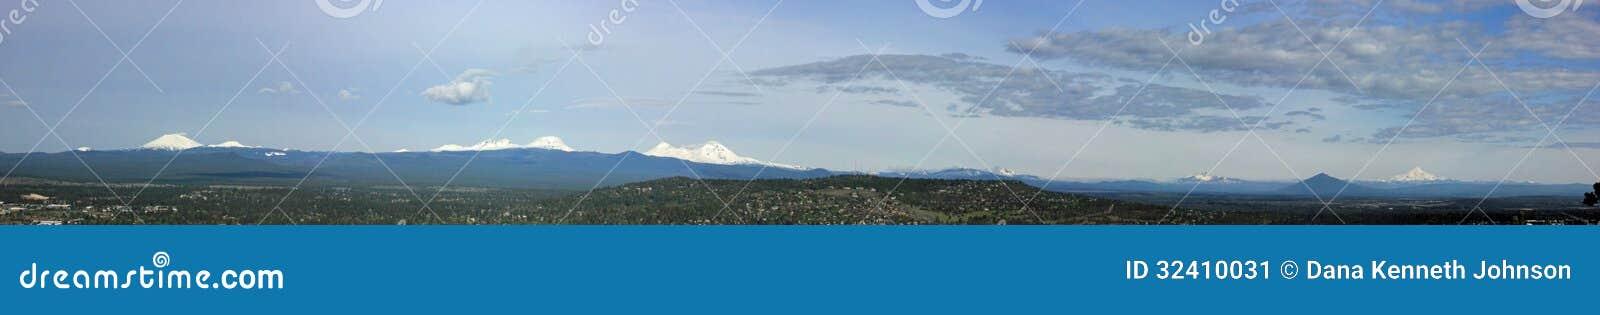 Центральные каскады Орегона от пилотного Butte